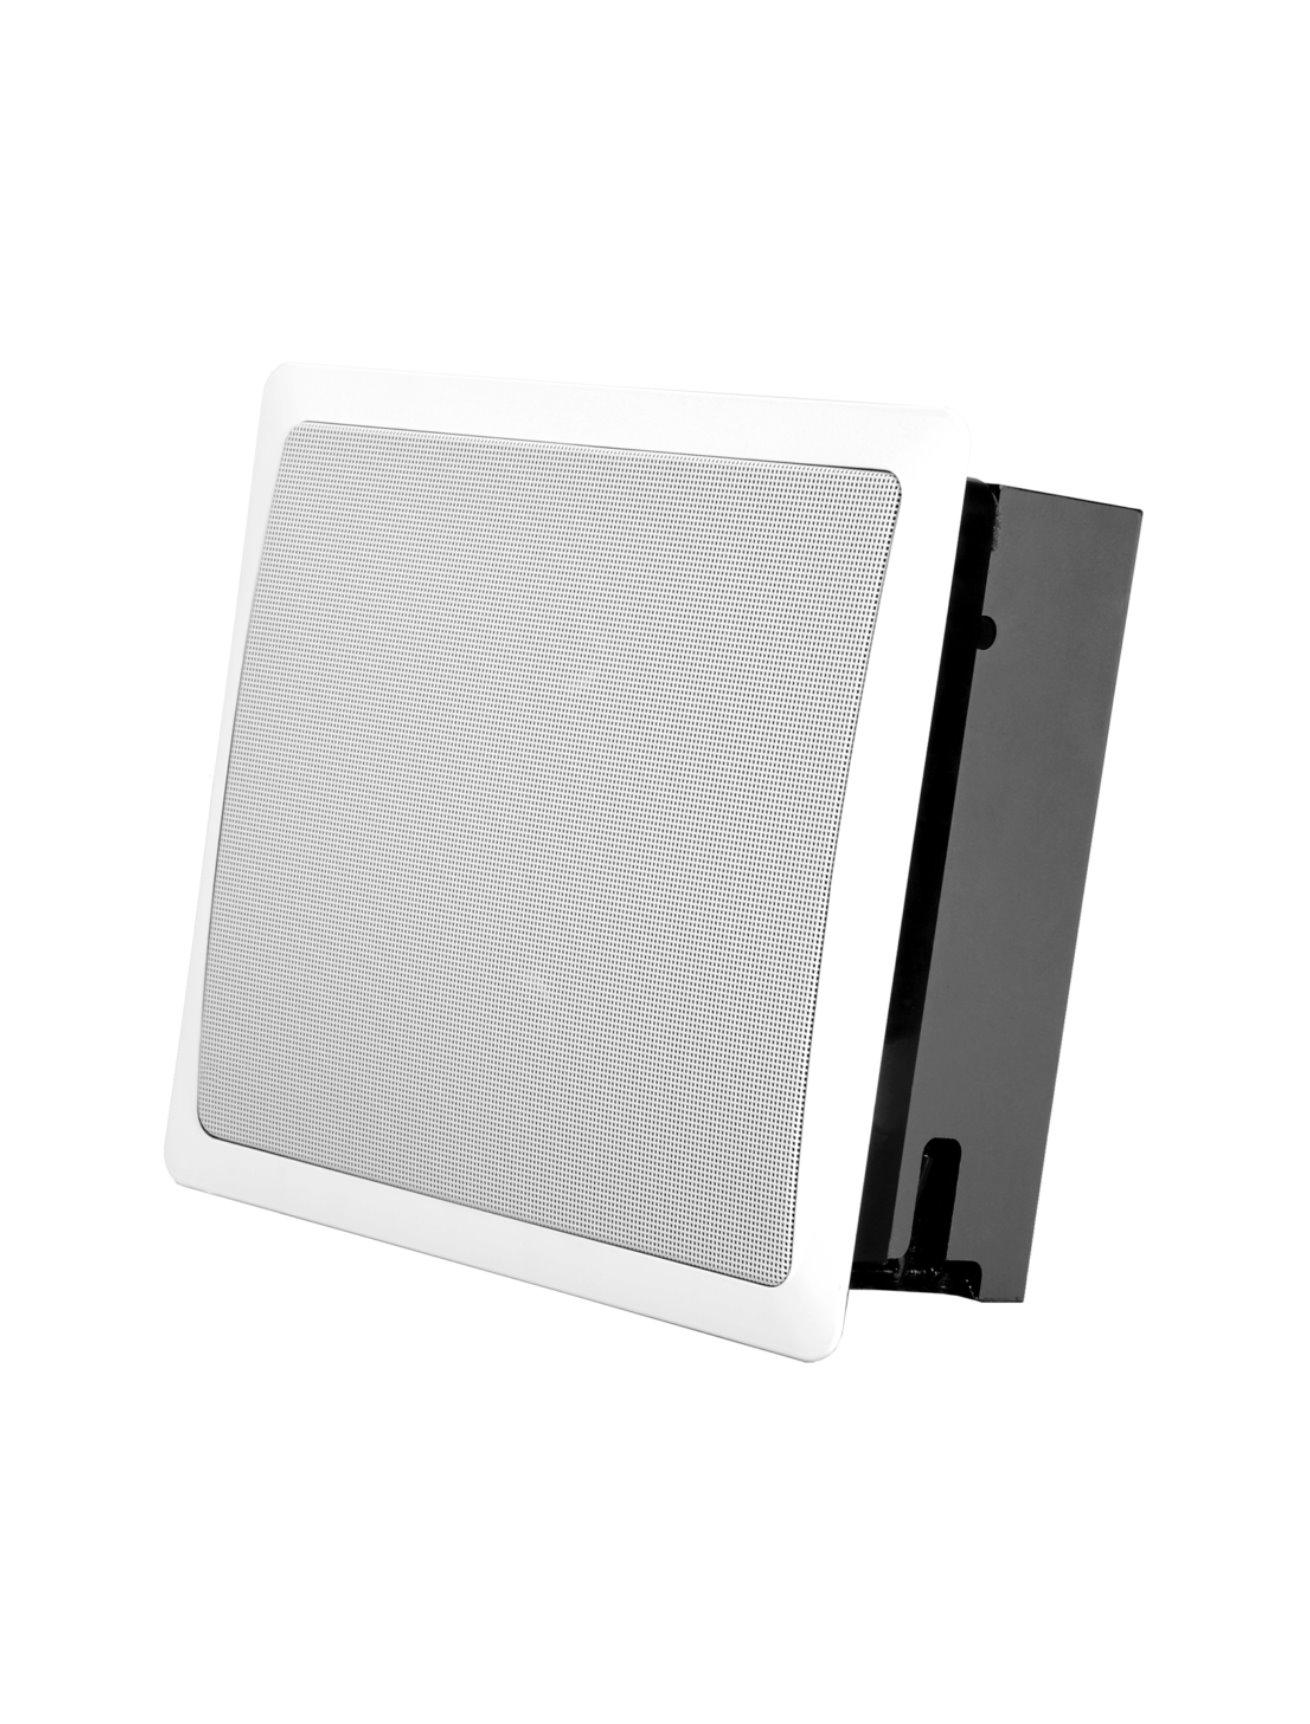 Definitive Technology UIW RSS II Χωνευτό Ηχείο 2×4.5″ 8Ω 200W